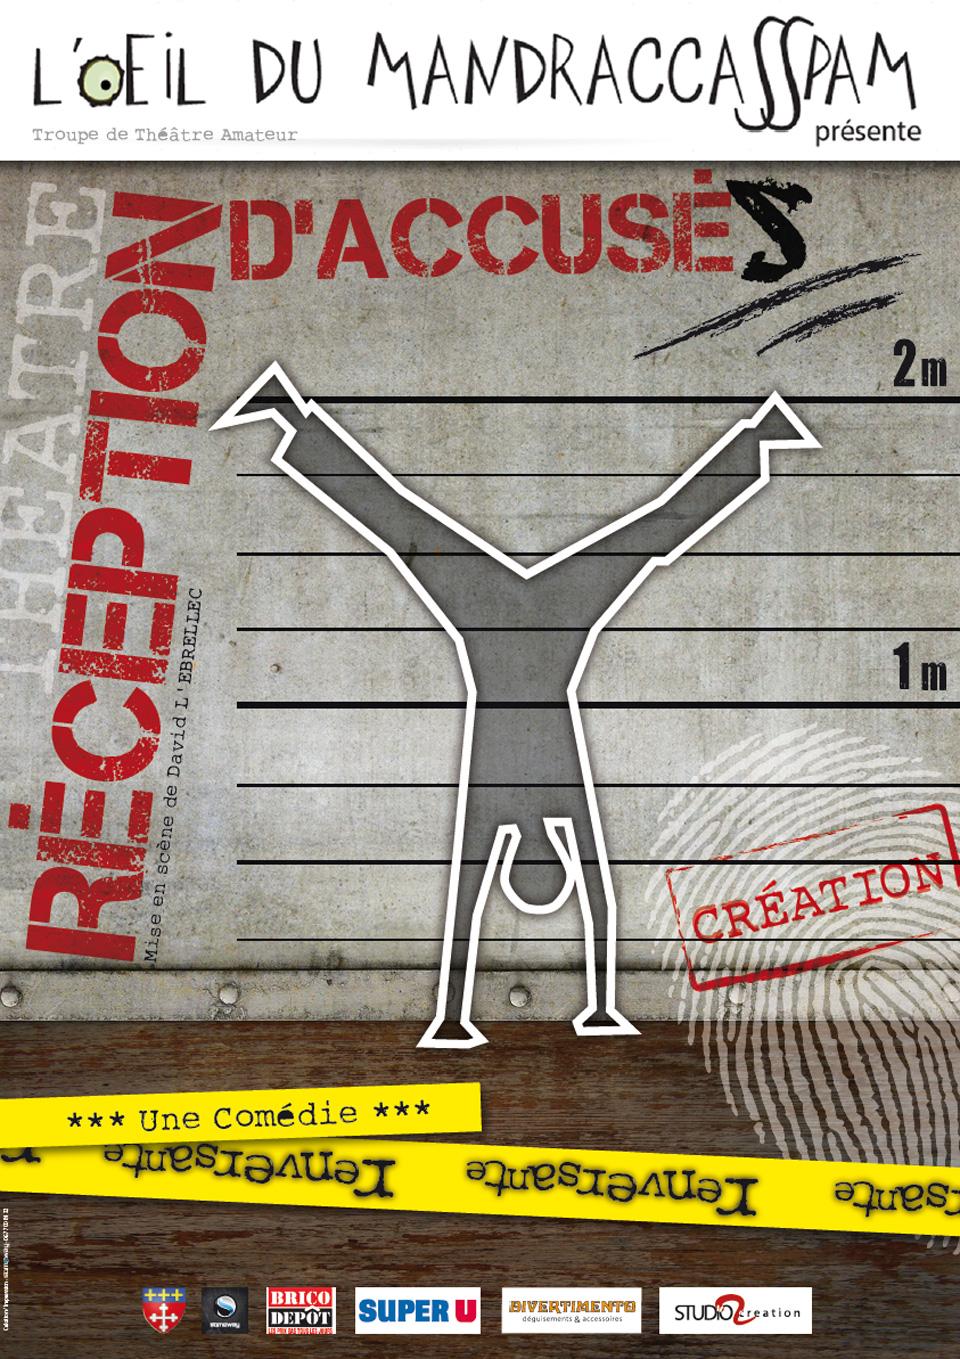 Affiche Réception d'accusés